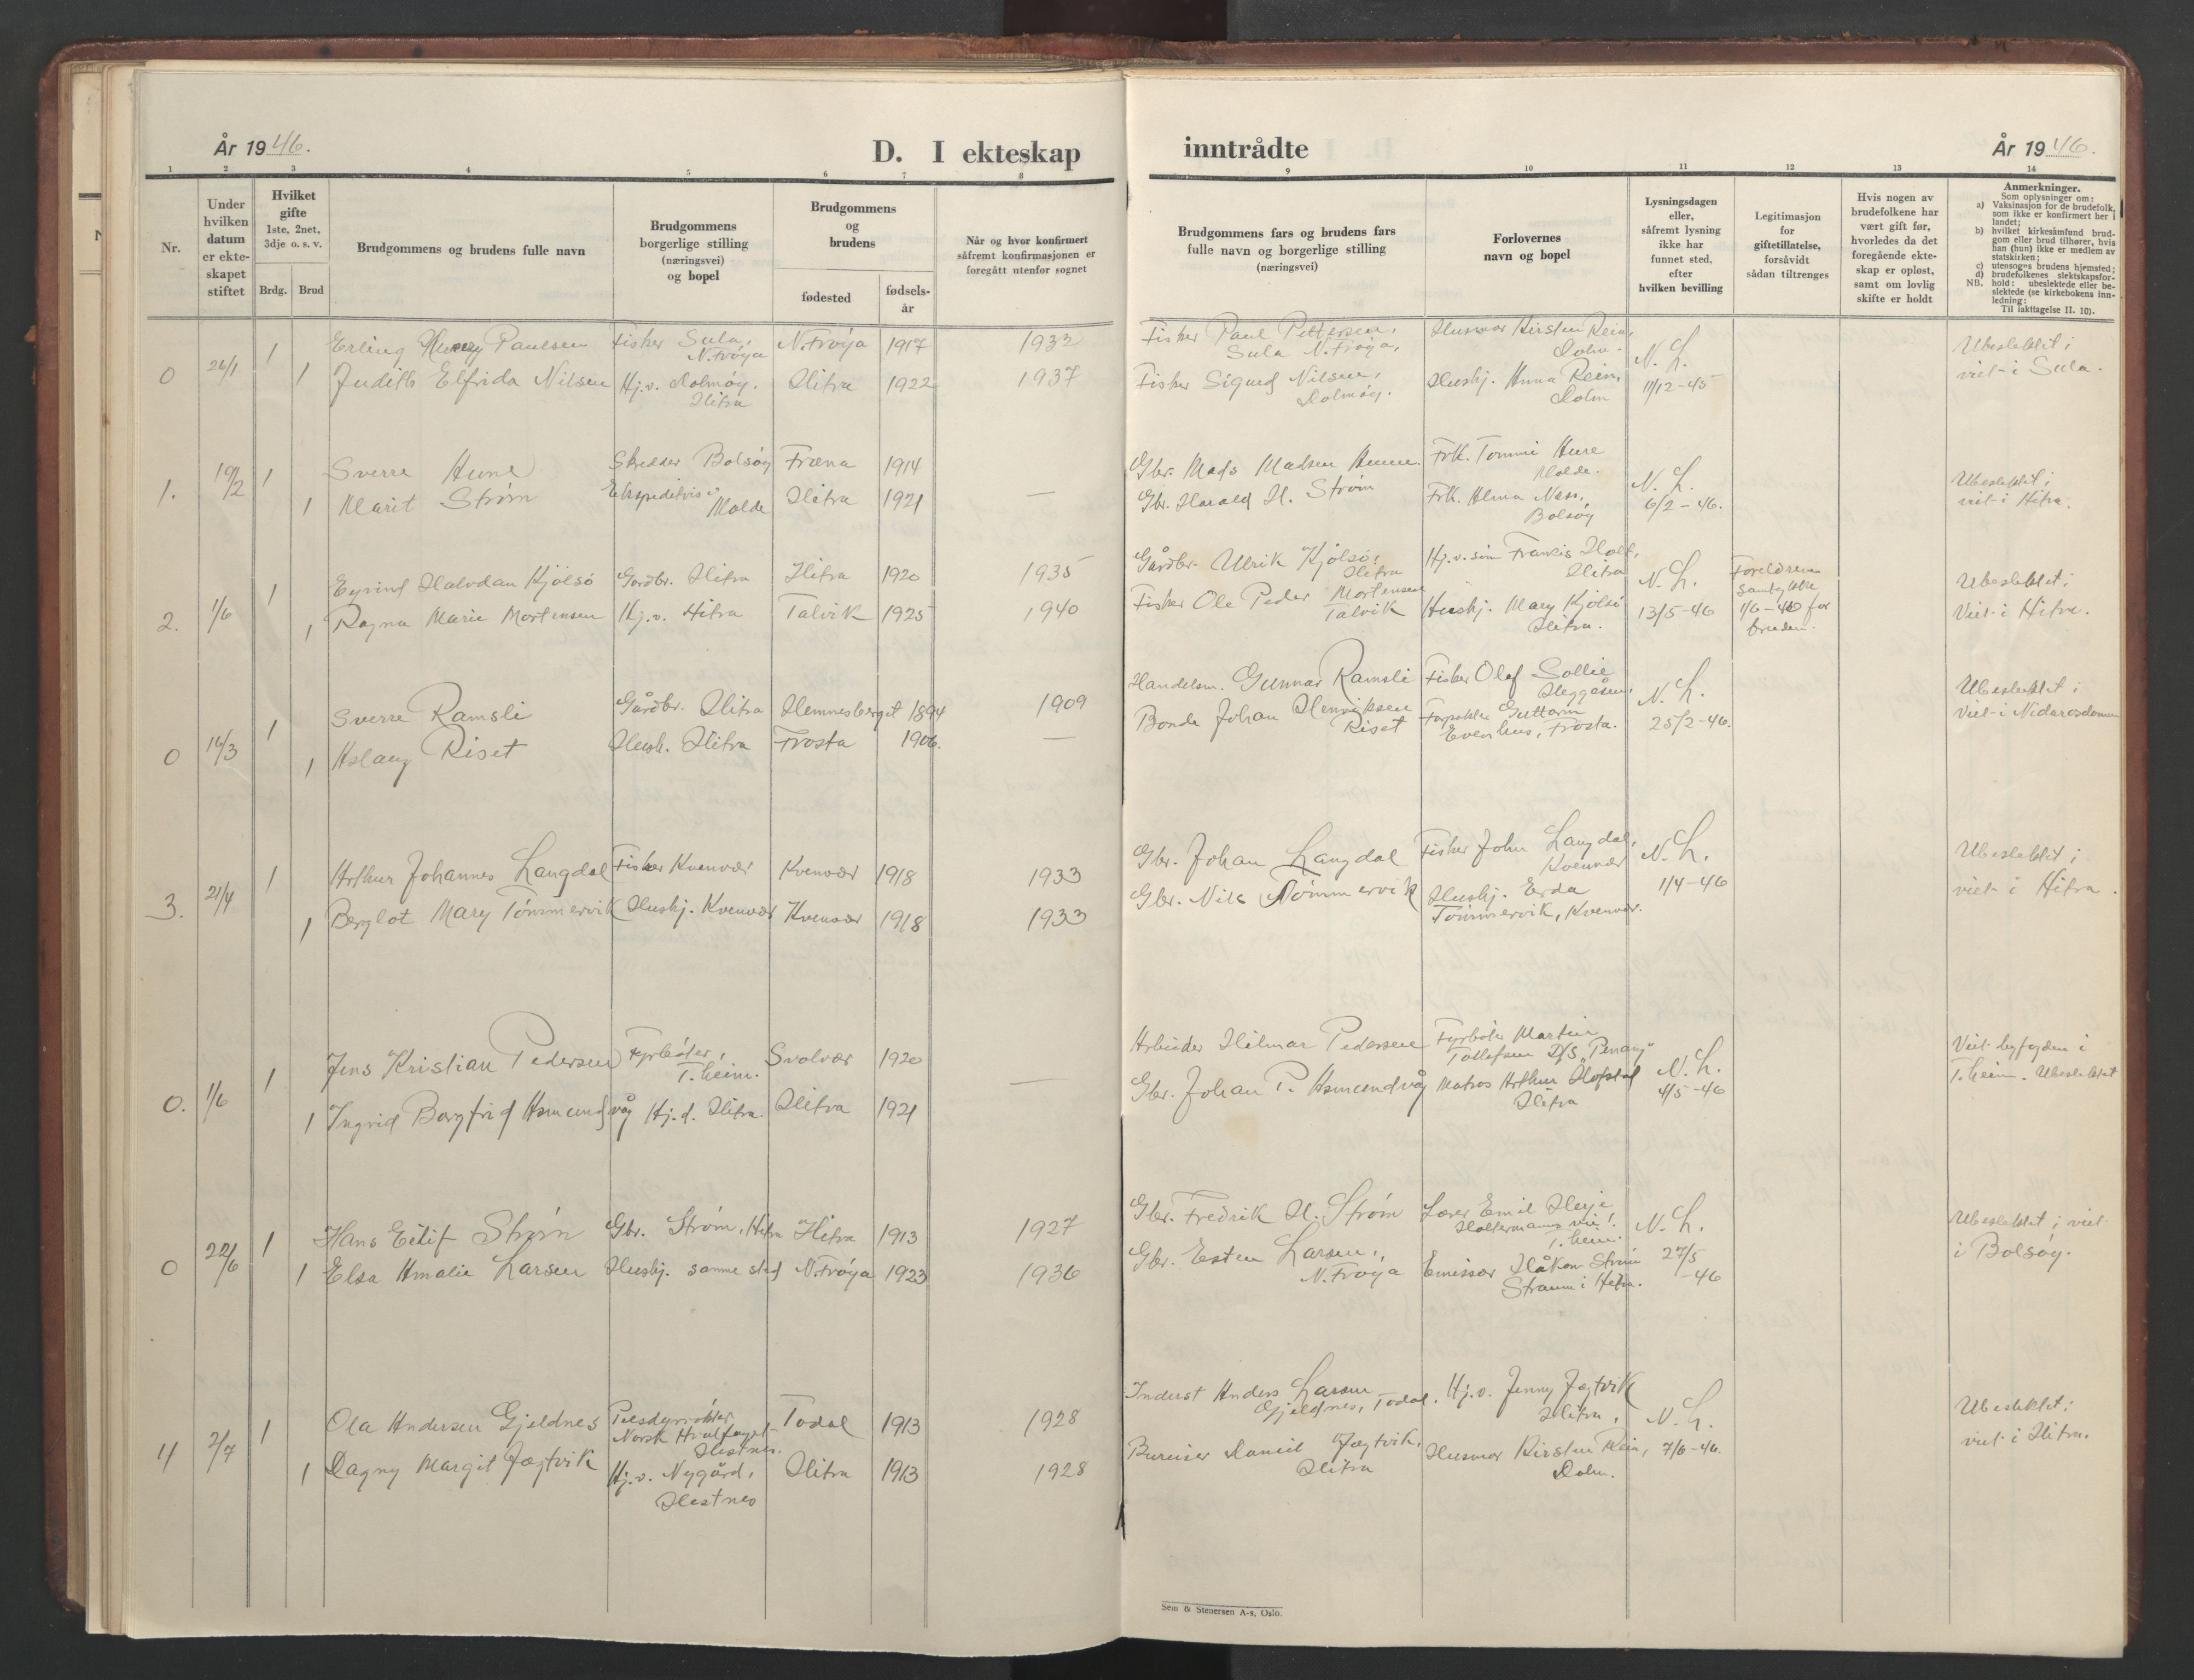 SAT, Ministerialprotokoller, klokkerbøker og fødselsregistre - Sør-Trøndelag, 634/L0544: Klokkerbok nr. 634C06, 1927-1948, s. 108